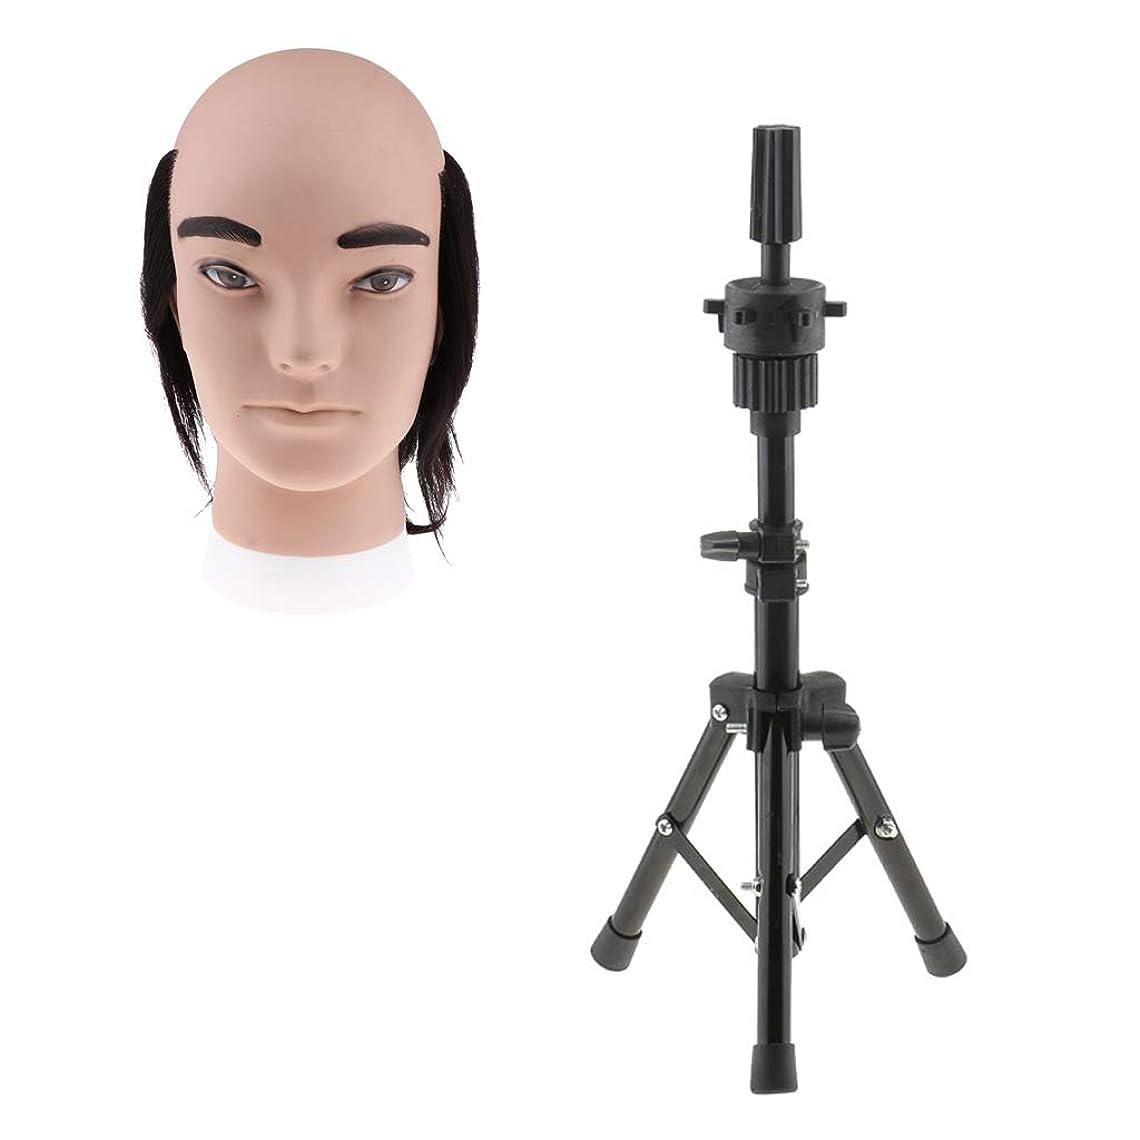 したがって廃止するビットT TOOYFUL ヘアプラクティスヘッド 男性 ヘアスタイリングヘッド メイク道具